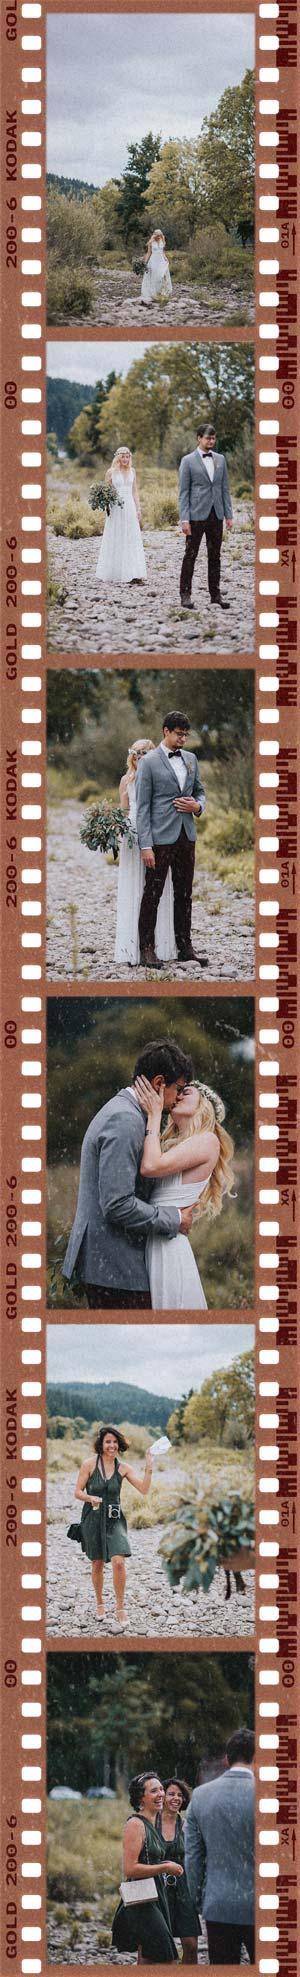 Hochzeitsfotos First Look in Freiburg an der Dreisam fotografiert vom Hochzeitsreportage Team pollography